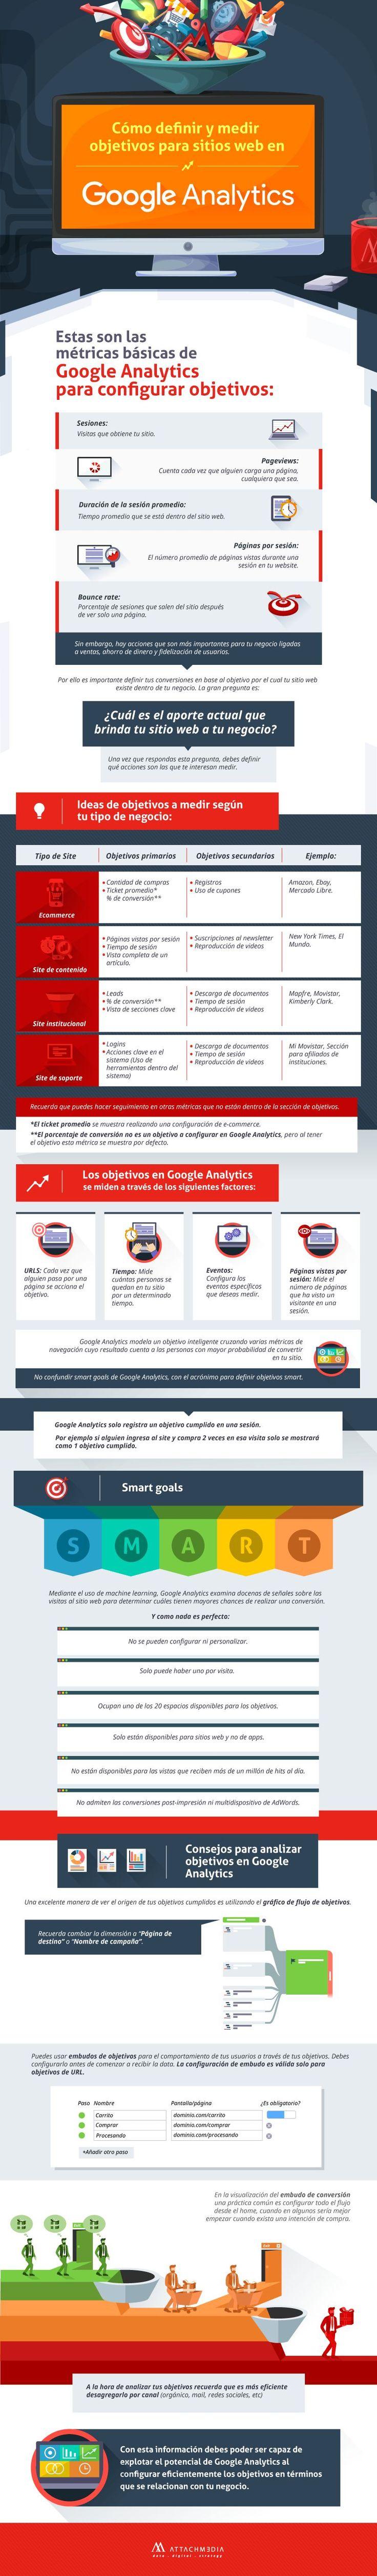 Métricas de Google Analytics que te interesa seguir según tu tipo de página. Una interesante guía para usuarios noveles en formato de infografía.